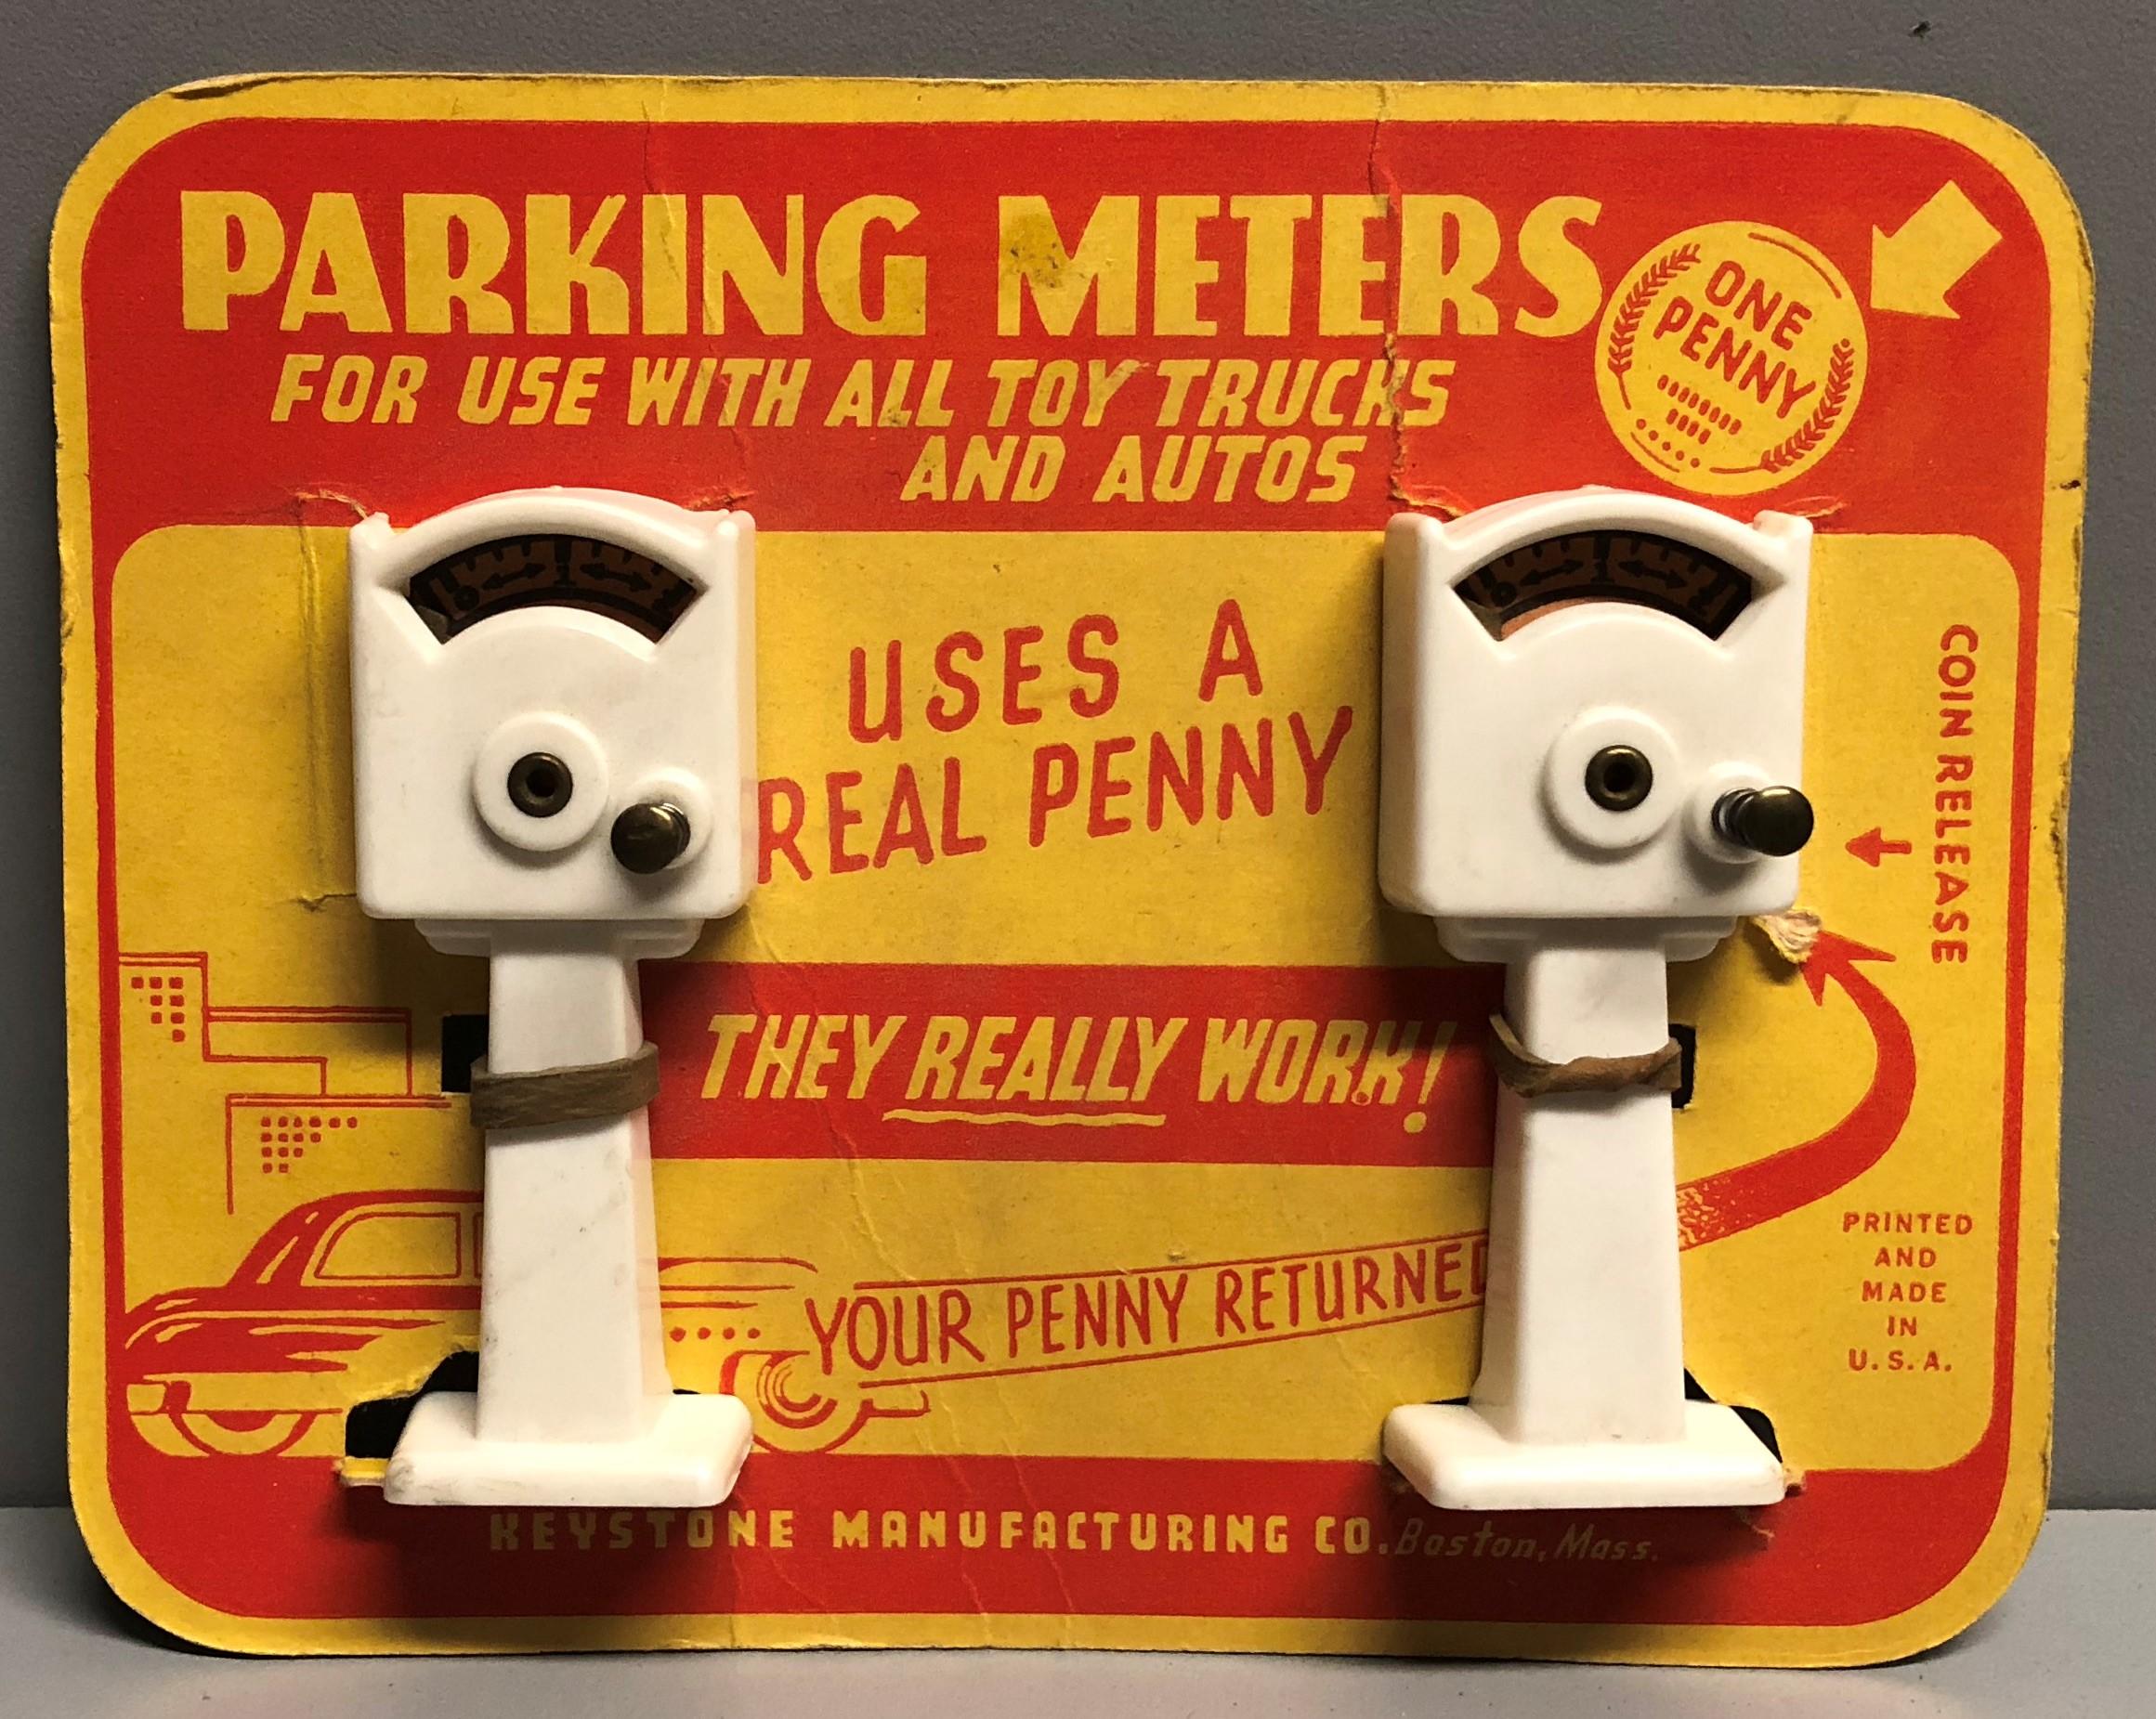 Keystone Parking Meters on Card